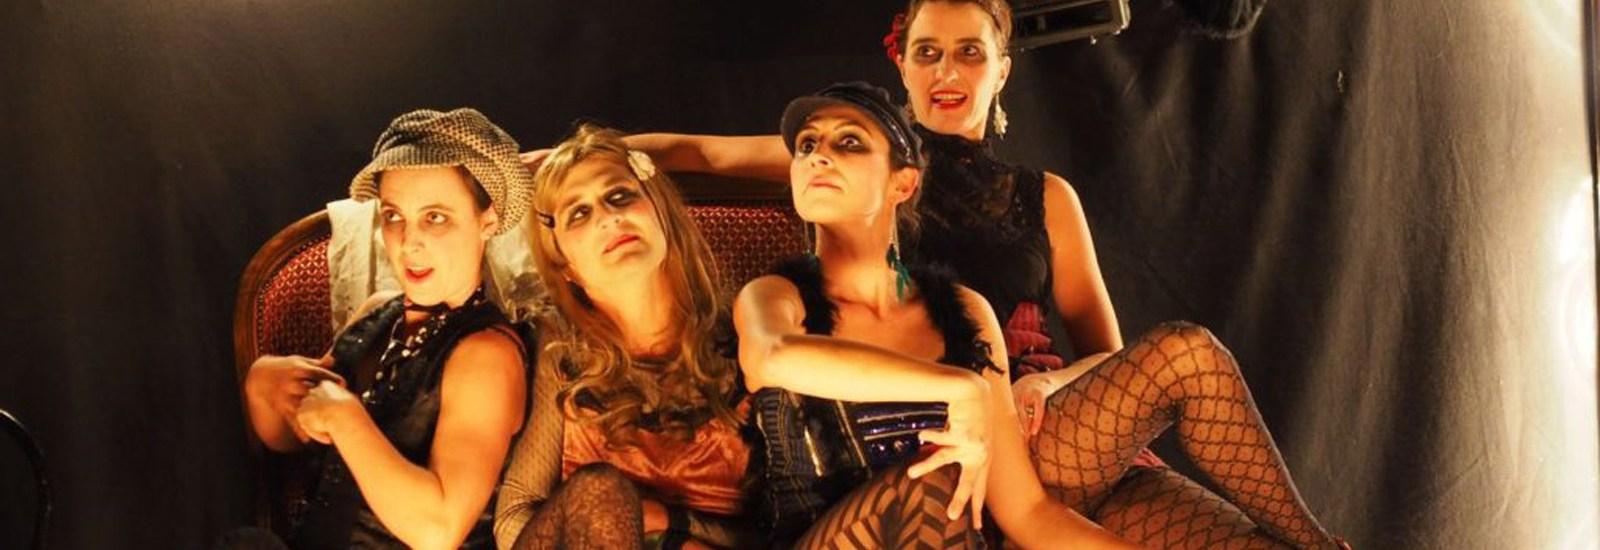 Cabaret tout terrain pour public averti (à partir de 14 ans). Un spectacle qui soulève les tabous et les jupes